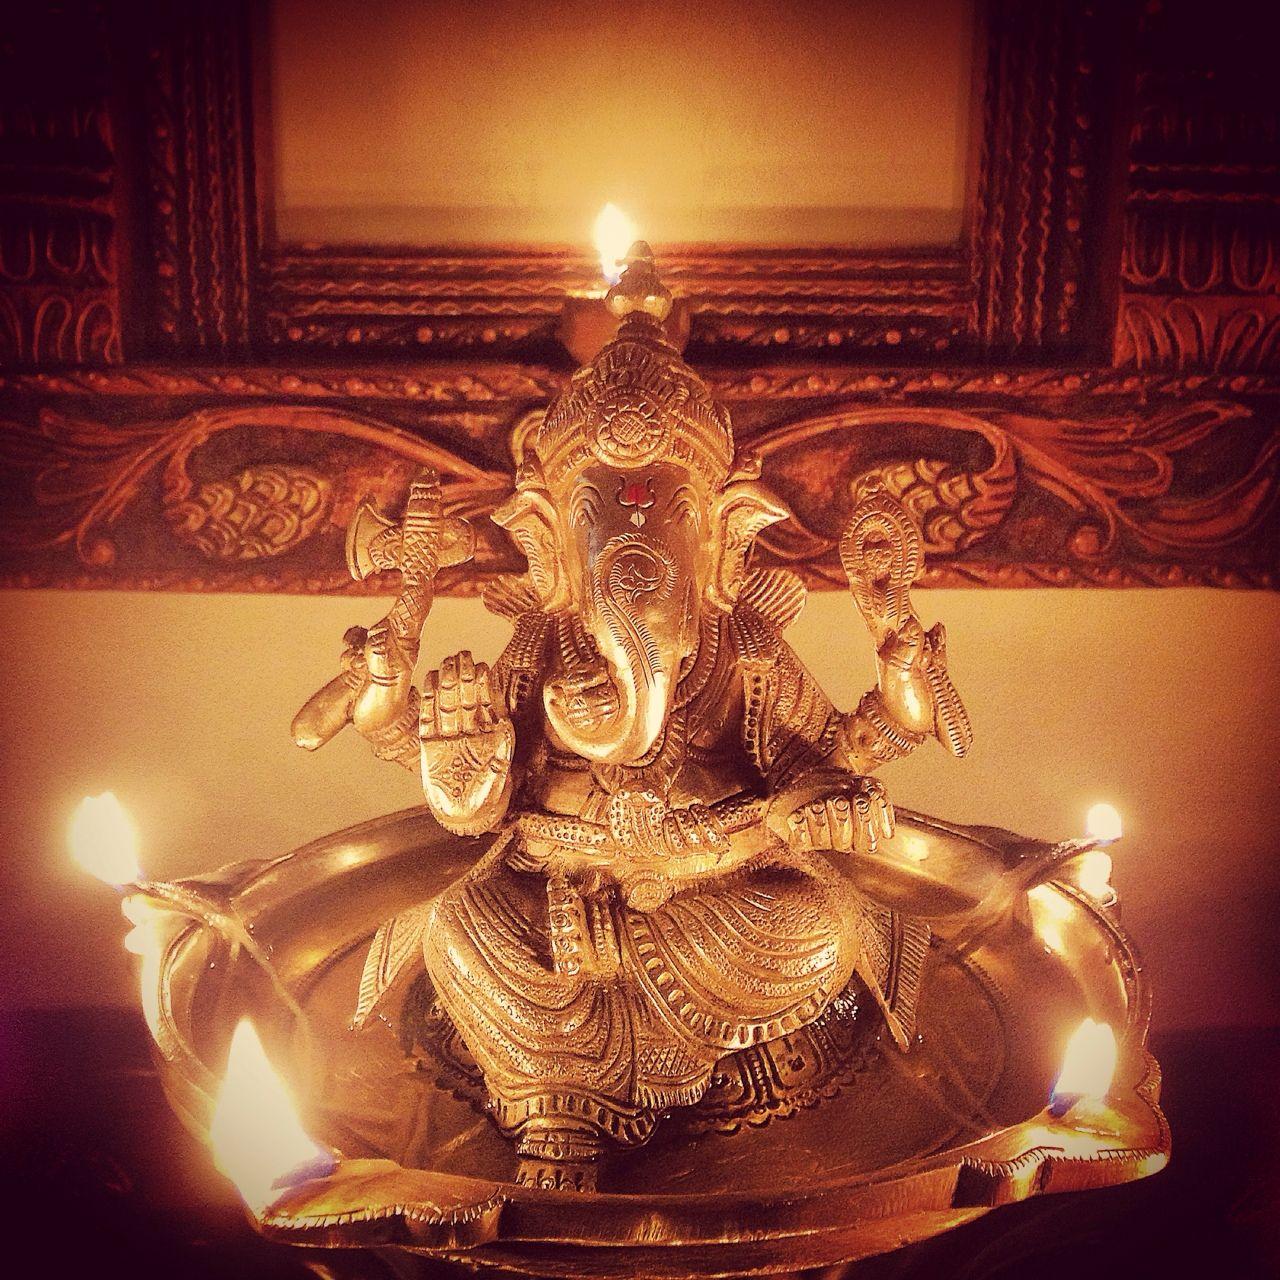 Dīpāvali Diwali Dewali 2016 Dīpāvali es una celebración que simboliza el triunfo de la luz sobre la obscuridad, del bien sobre el mal, del conocimiento sobre la ignorancia, de la esperanza sobre la desesperanza. La luz de las velas que se encienden...